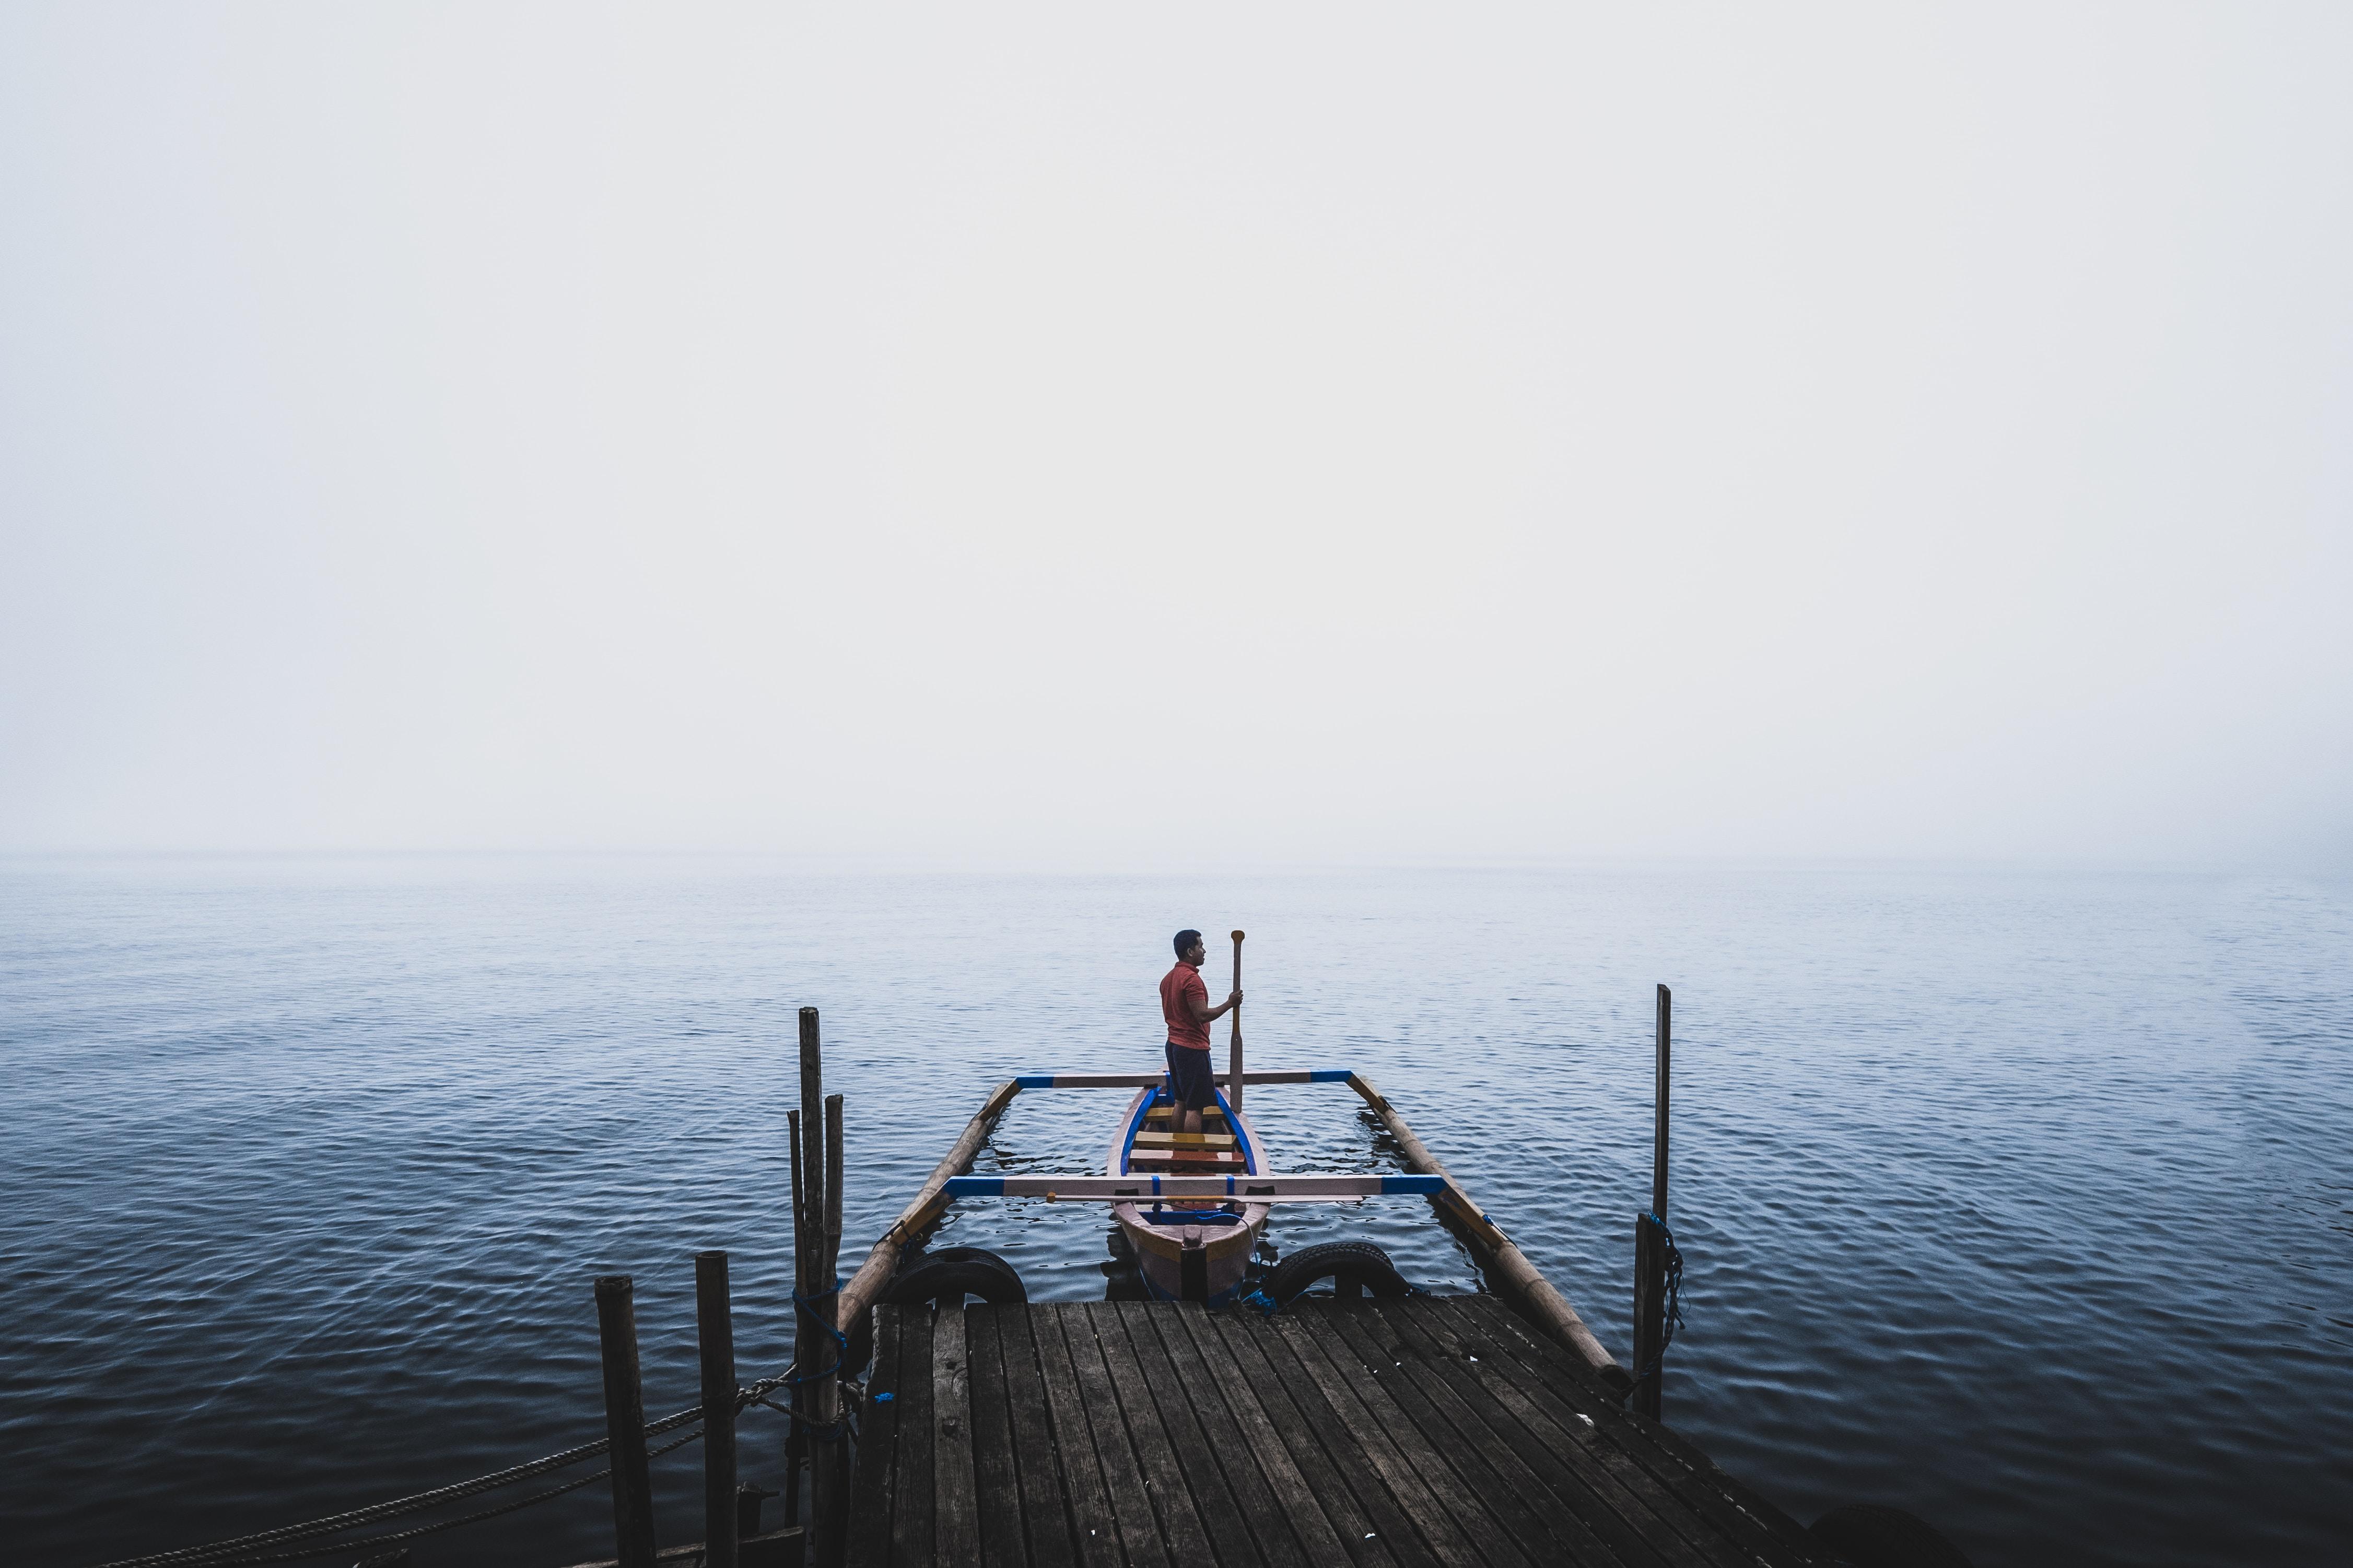 man standing on canoe near dock during daytime